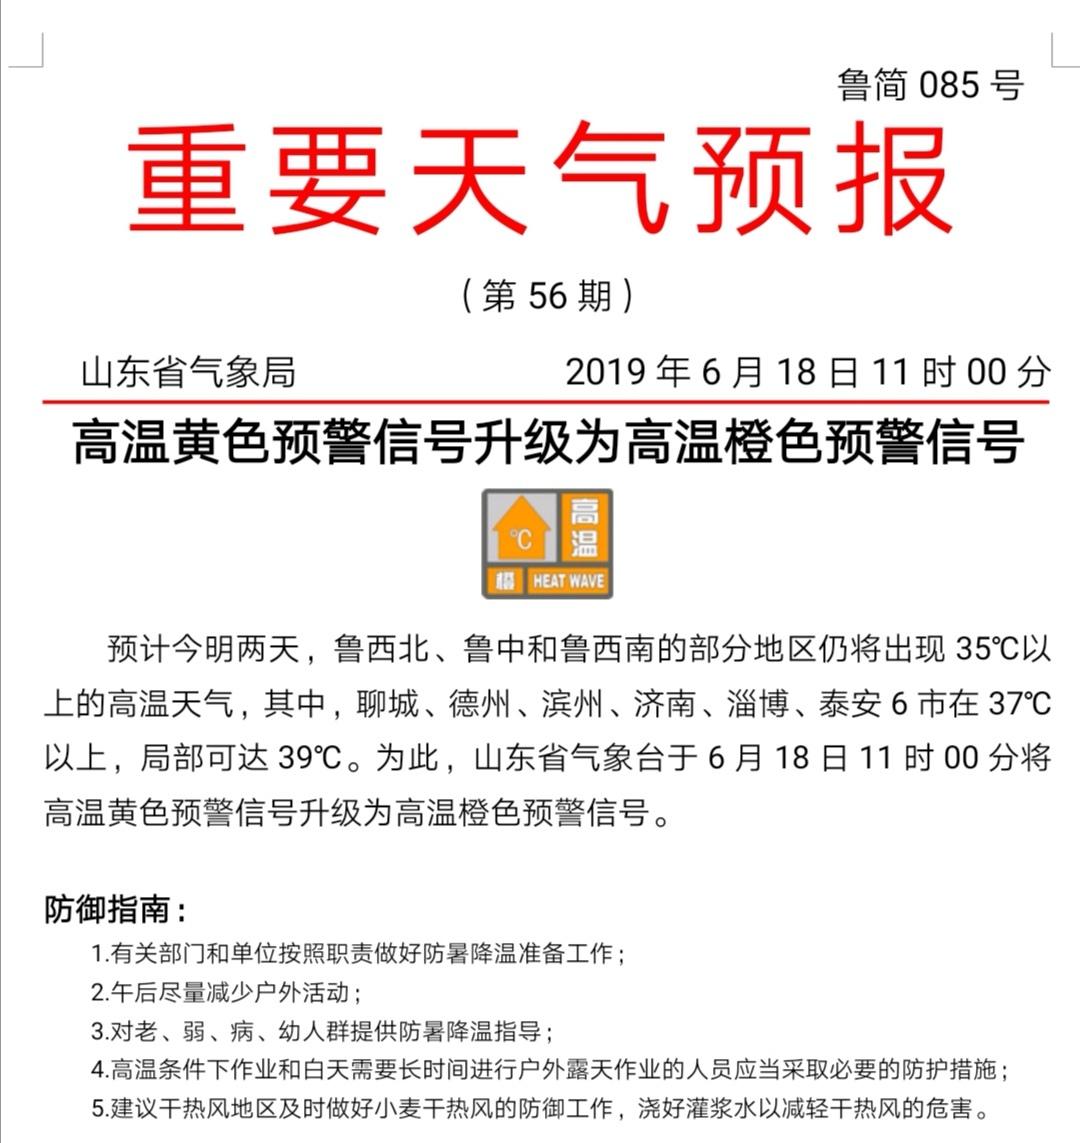 山东高温预警升级!济南淄博泰安等6市局部最高温超39℃